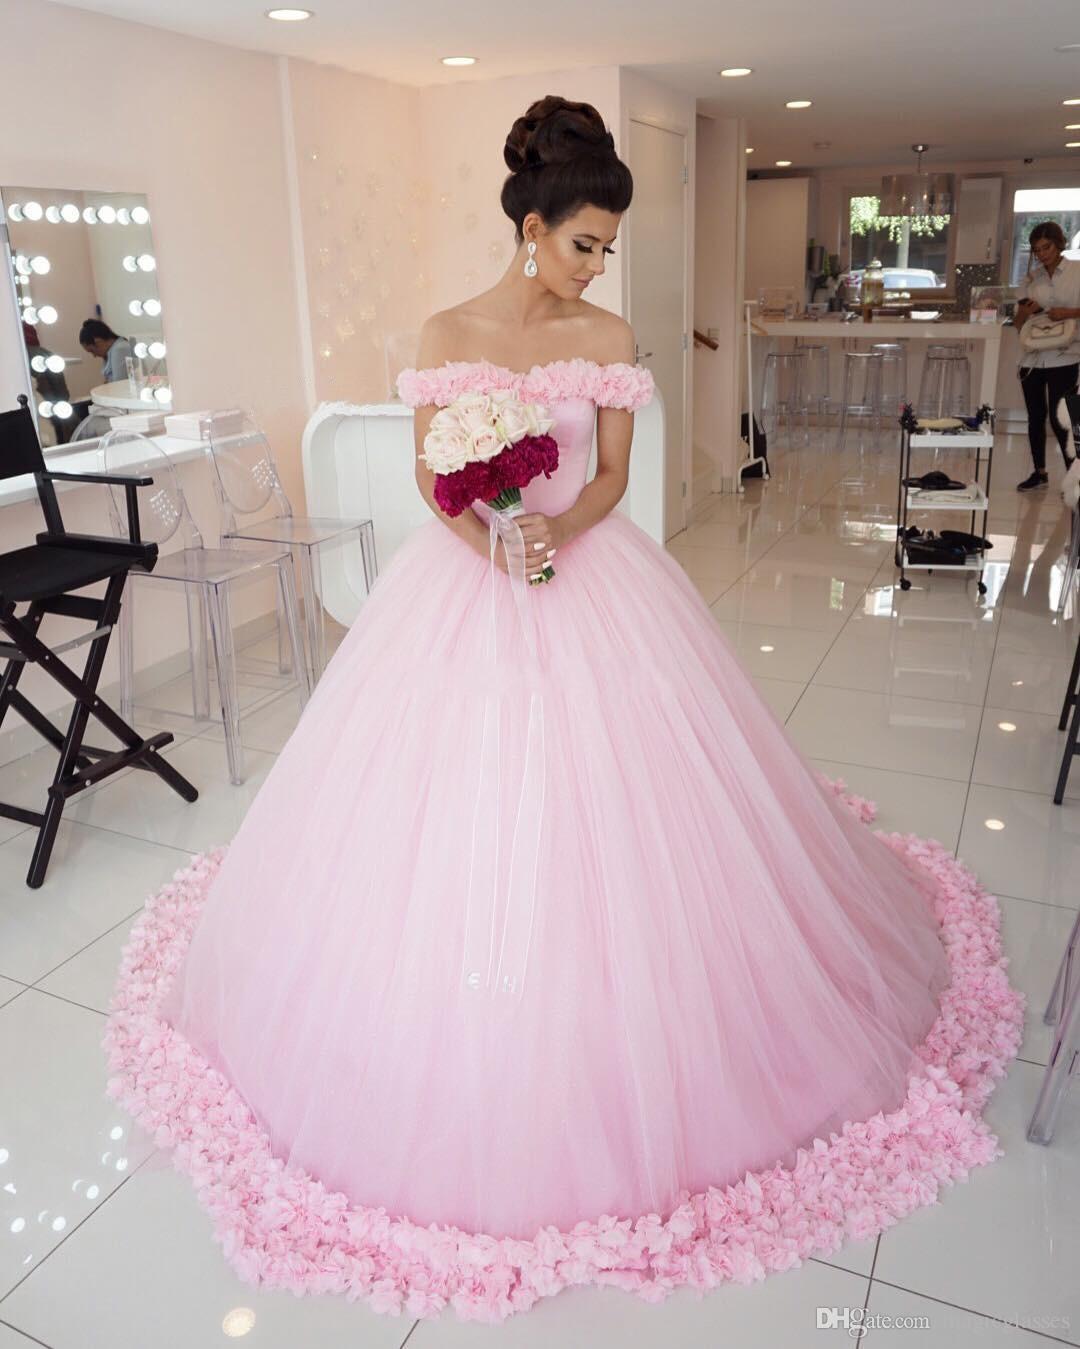 2017 wunderschöne Ballkleid Abendkleider Schulterfrei Kurzen Ärmeln Tüll Puffy Floral Lange Abendkleid Fairytale Rosa Quinceanera Kleider